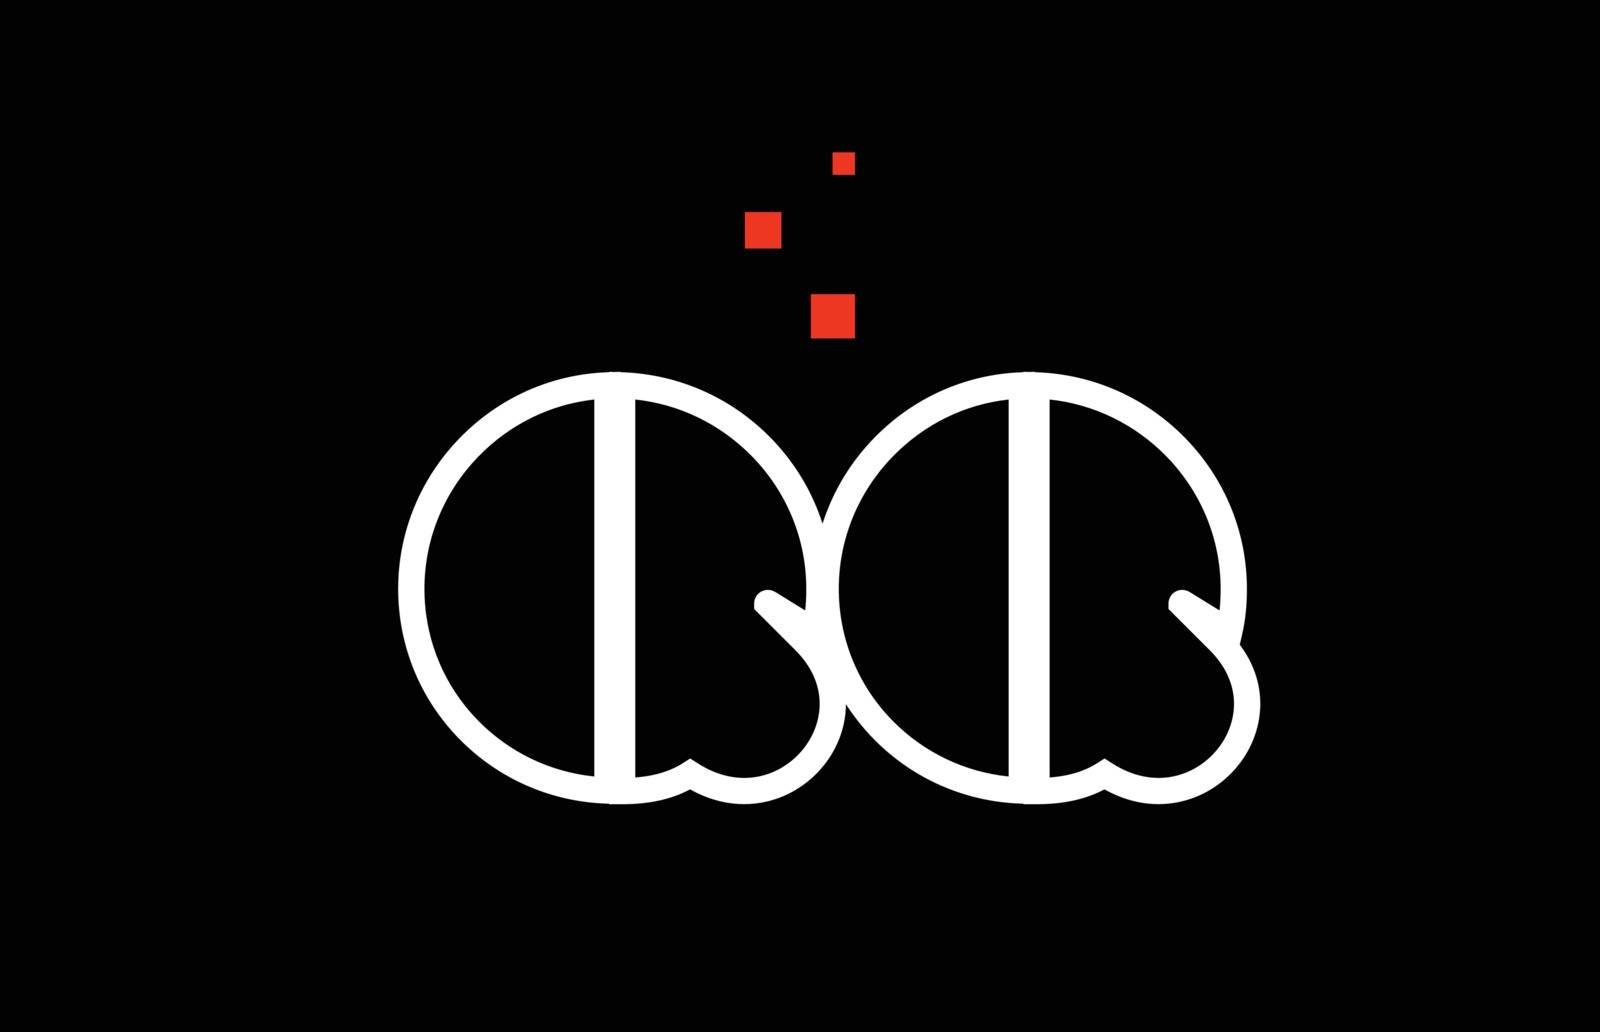 QQ Q Q black white red alphabet letter combination logo icon des by dragomirescu